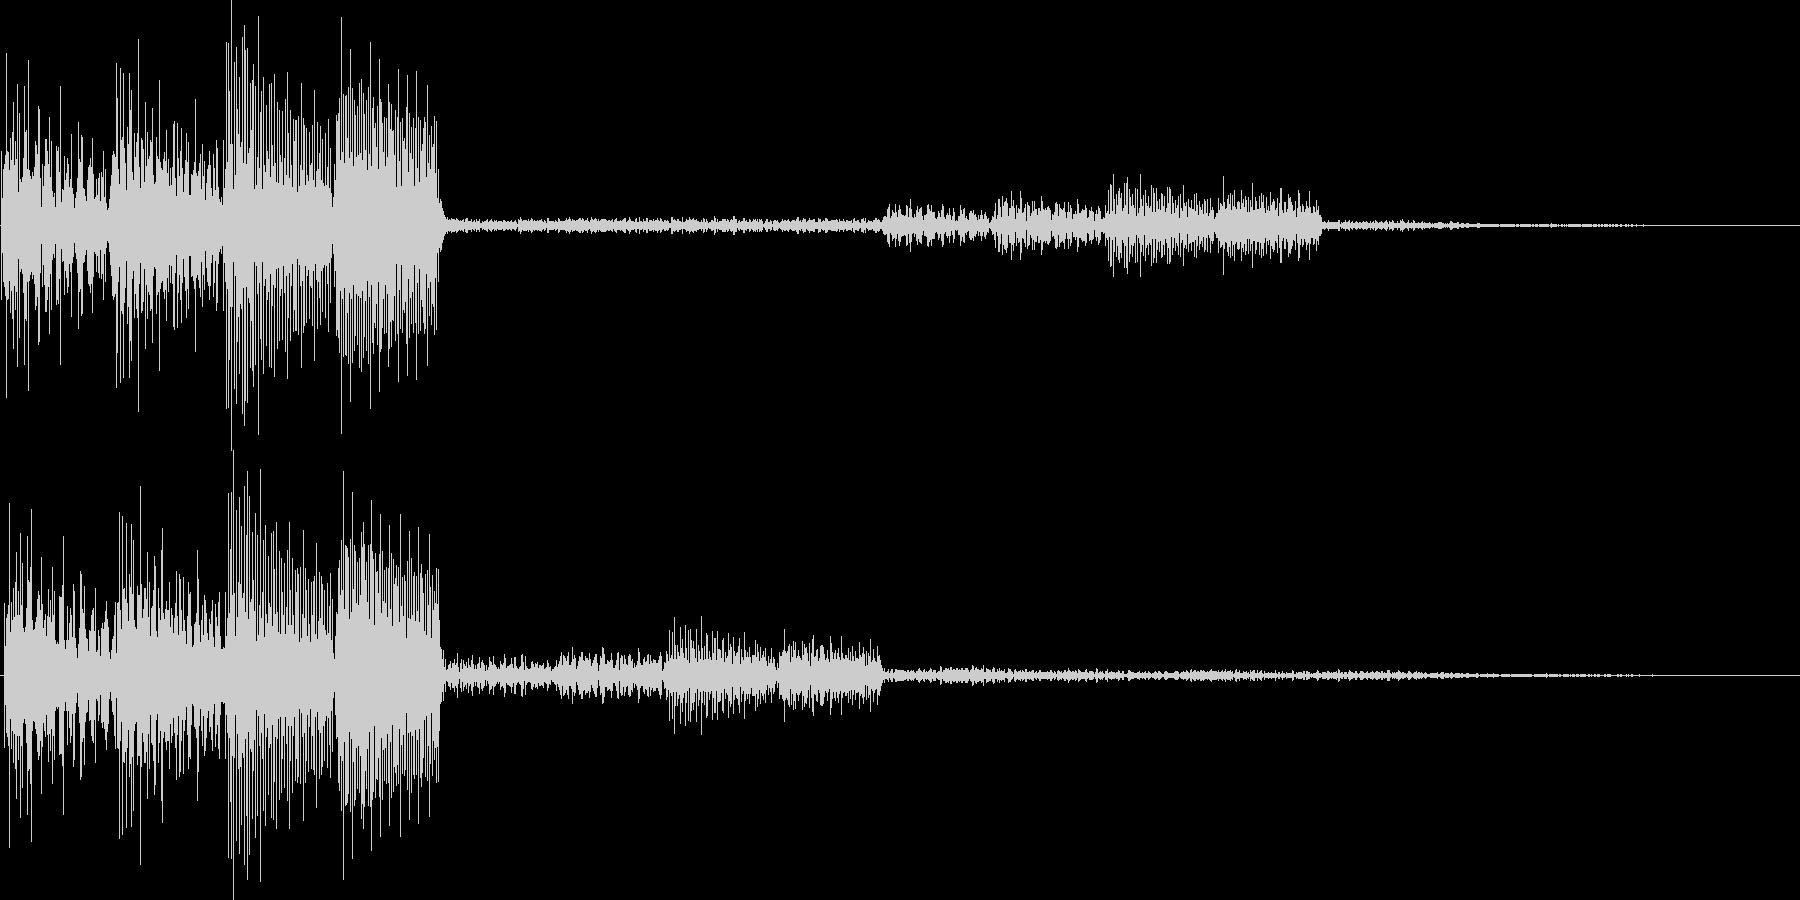 テロロロン(ミス、キャンセル、アイテム)の未再生の波形